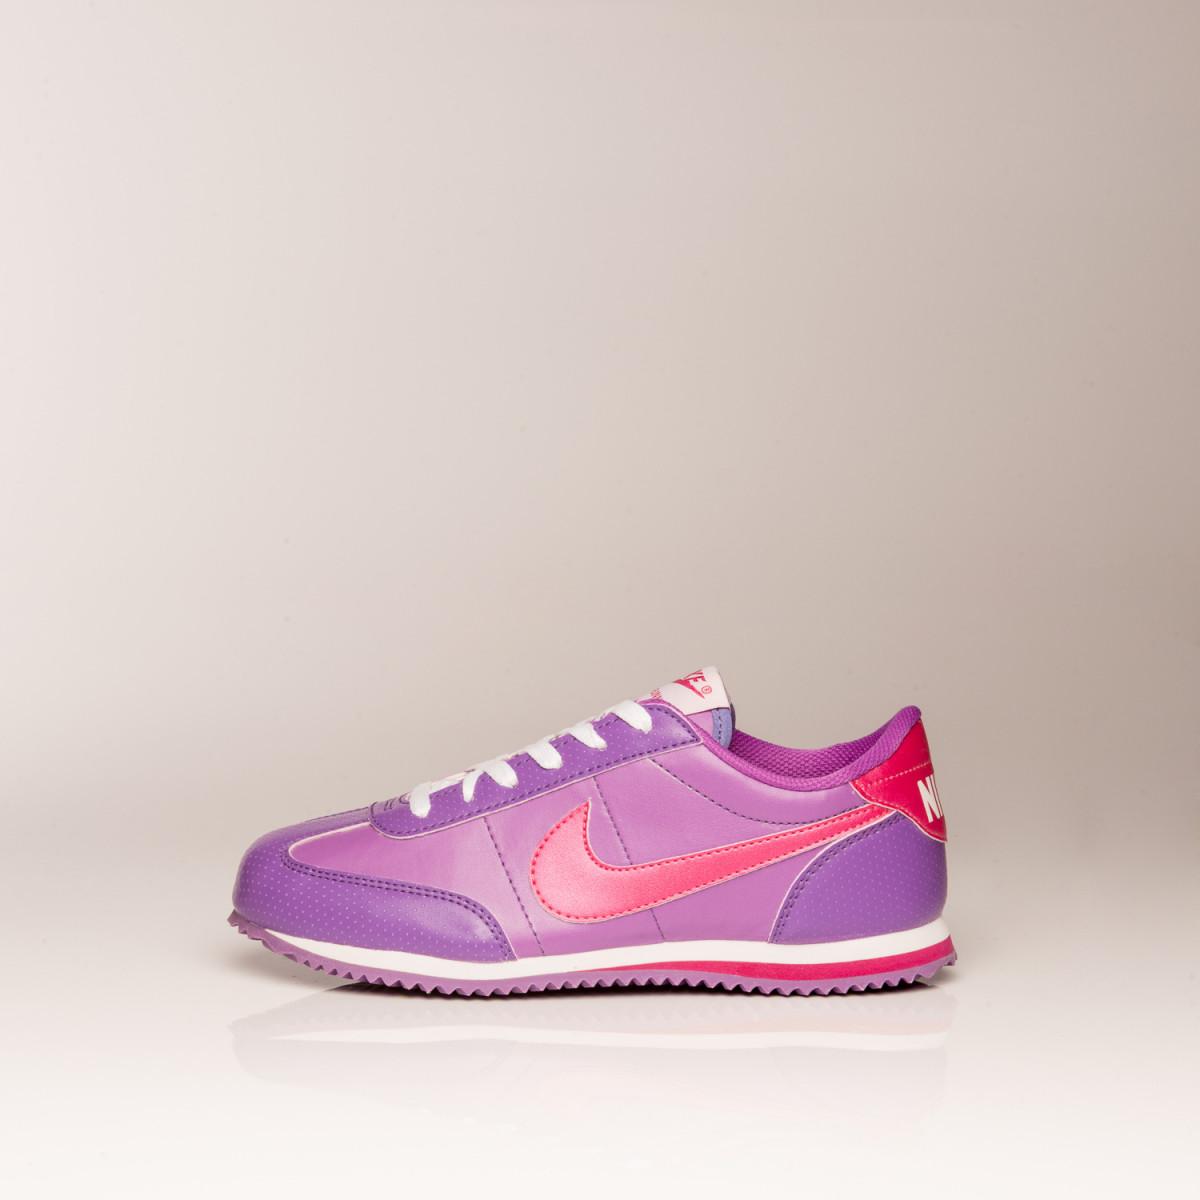 Zapatillas Nike Mach Runner Premium